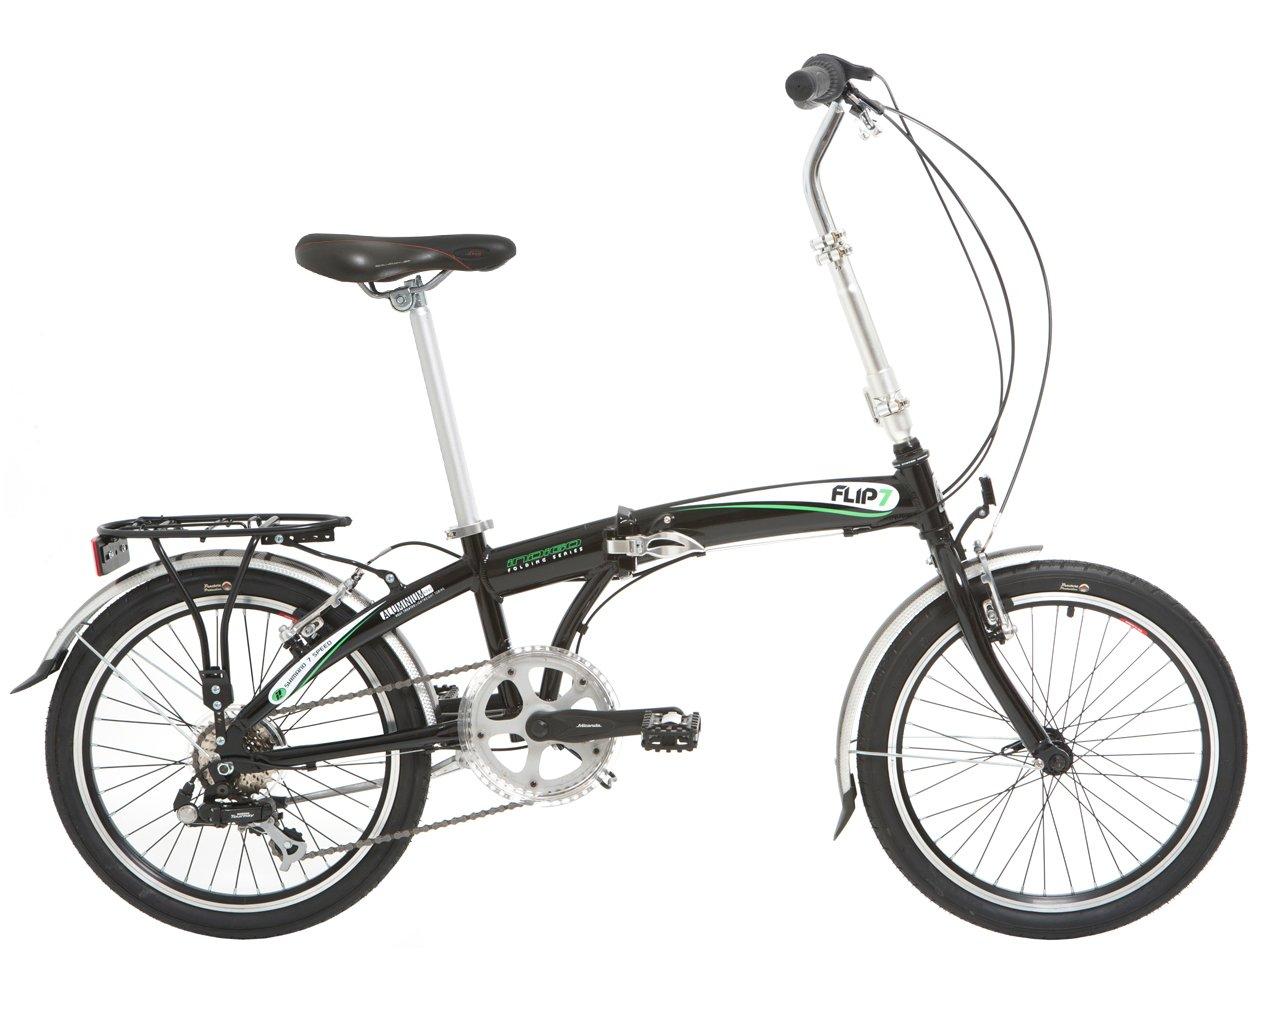 Bicicleta plegable Indigo, urbana de 7 velocidades